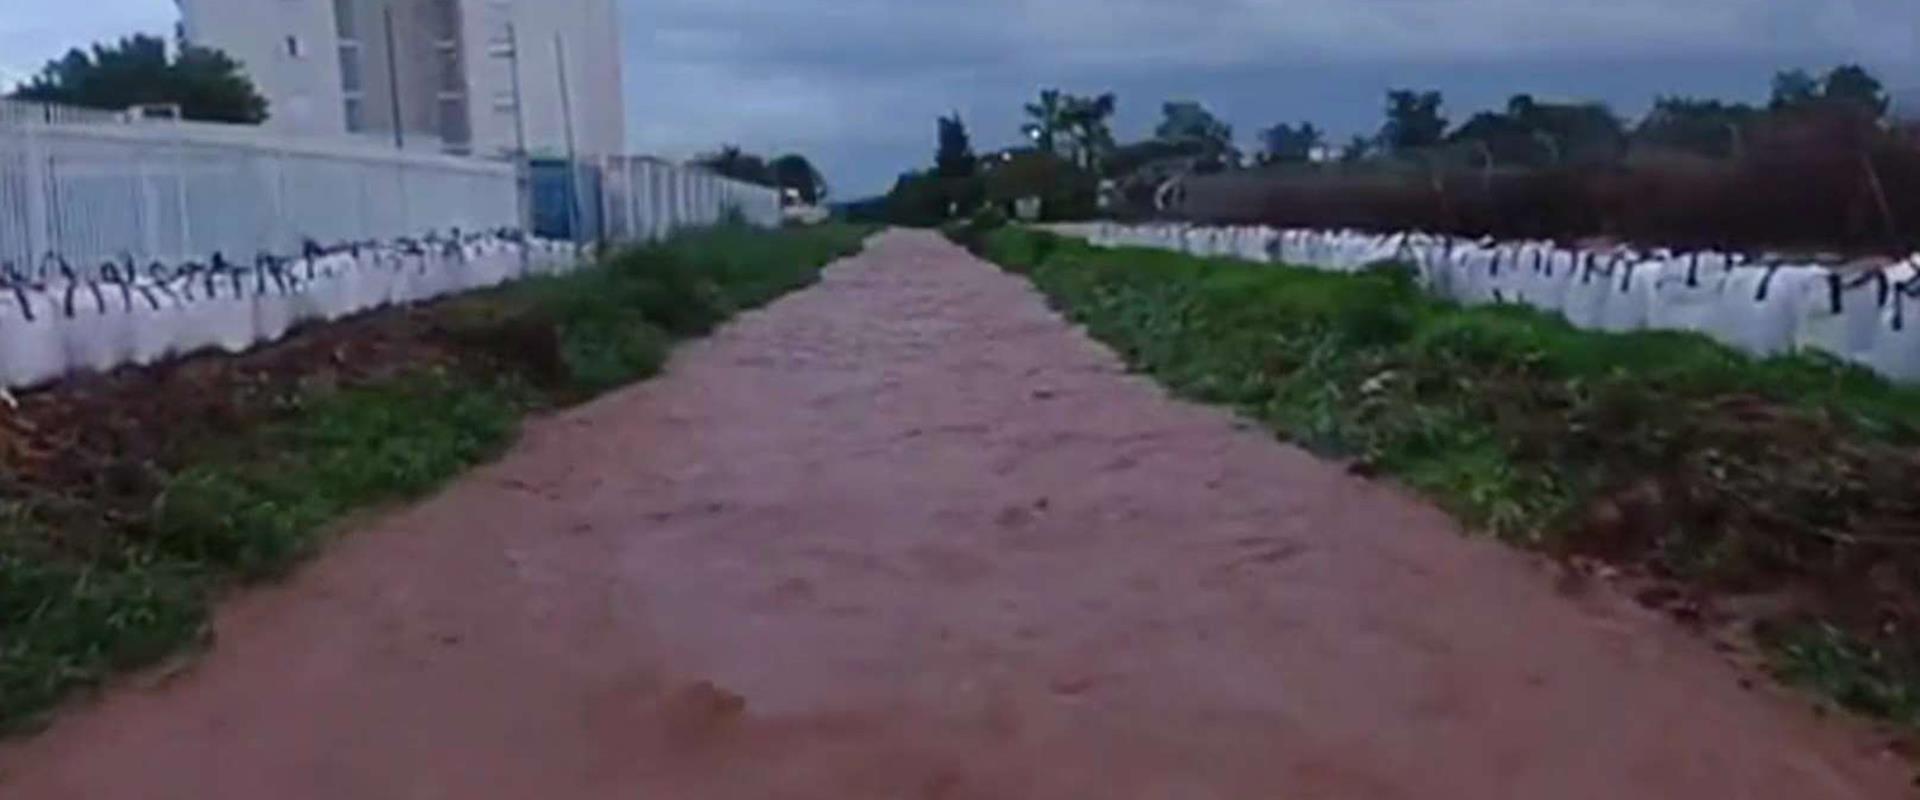 """""""כל גשם זה אותו דבר"""": המחדל המתמשך של הצפות הגשמים"""